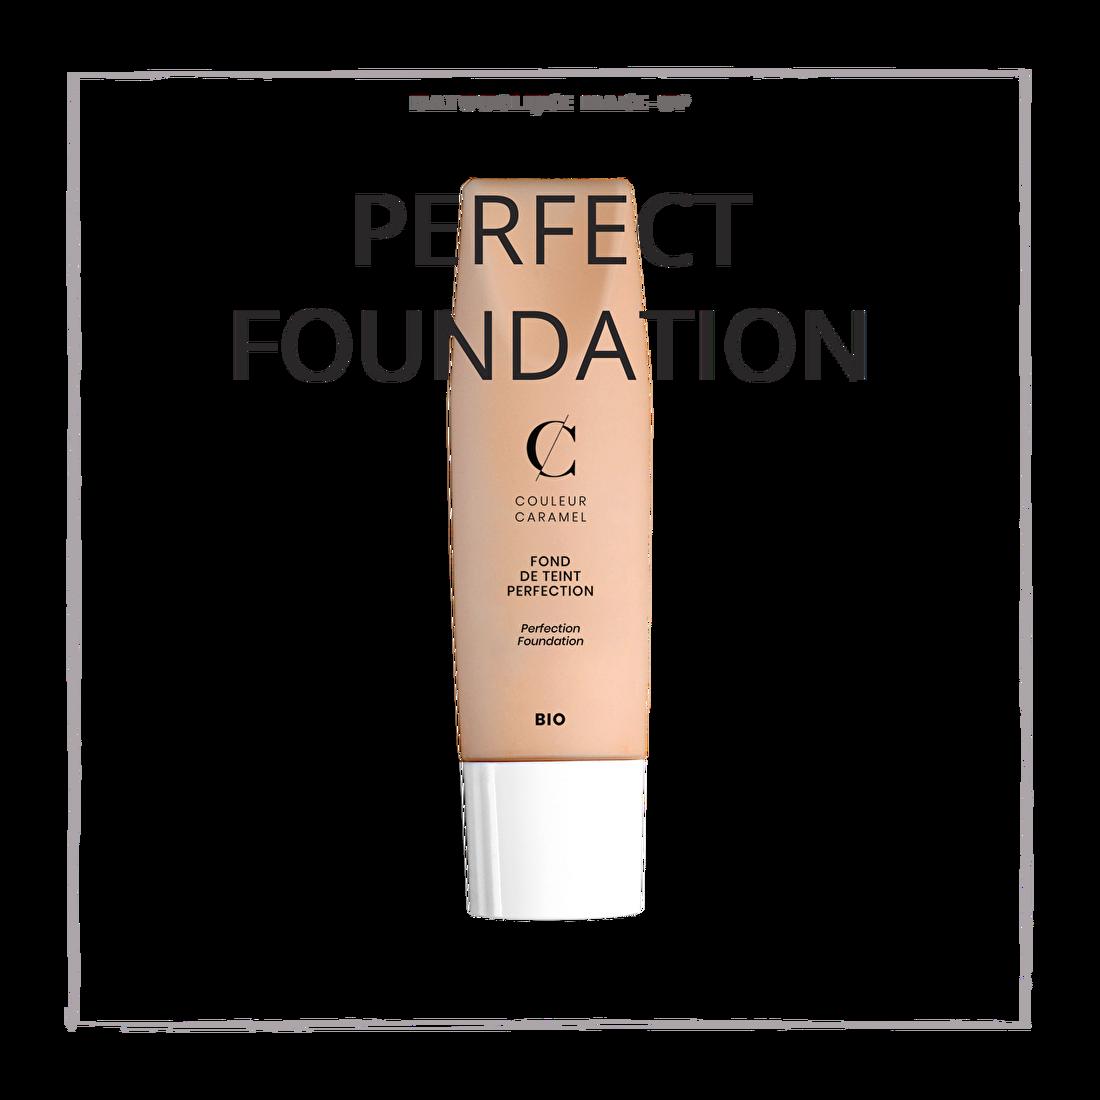 natuurlijke make-up perfect foundation creme CouleurCaramelmakeup.nl